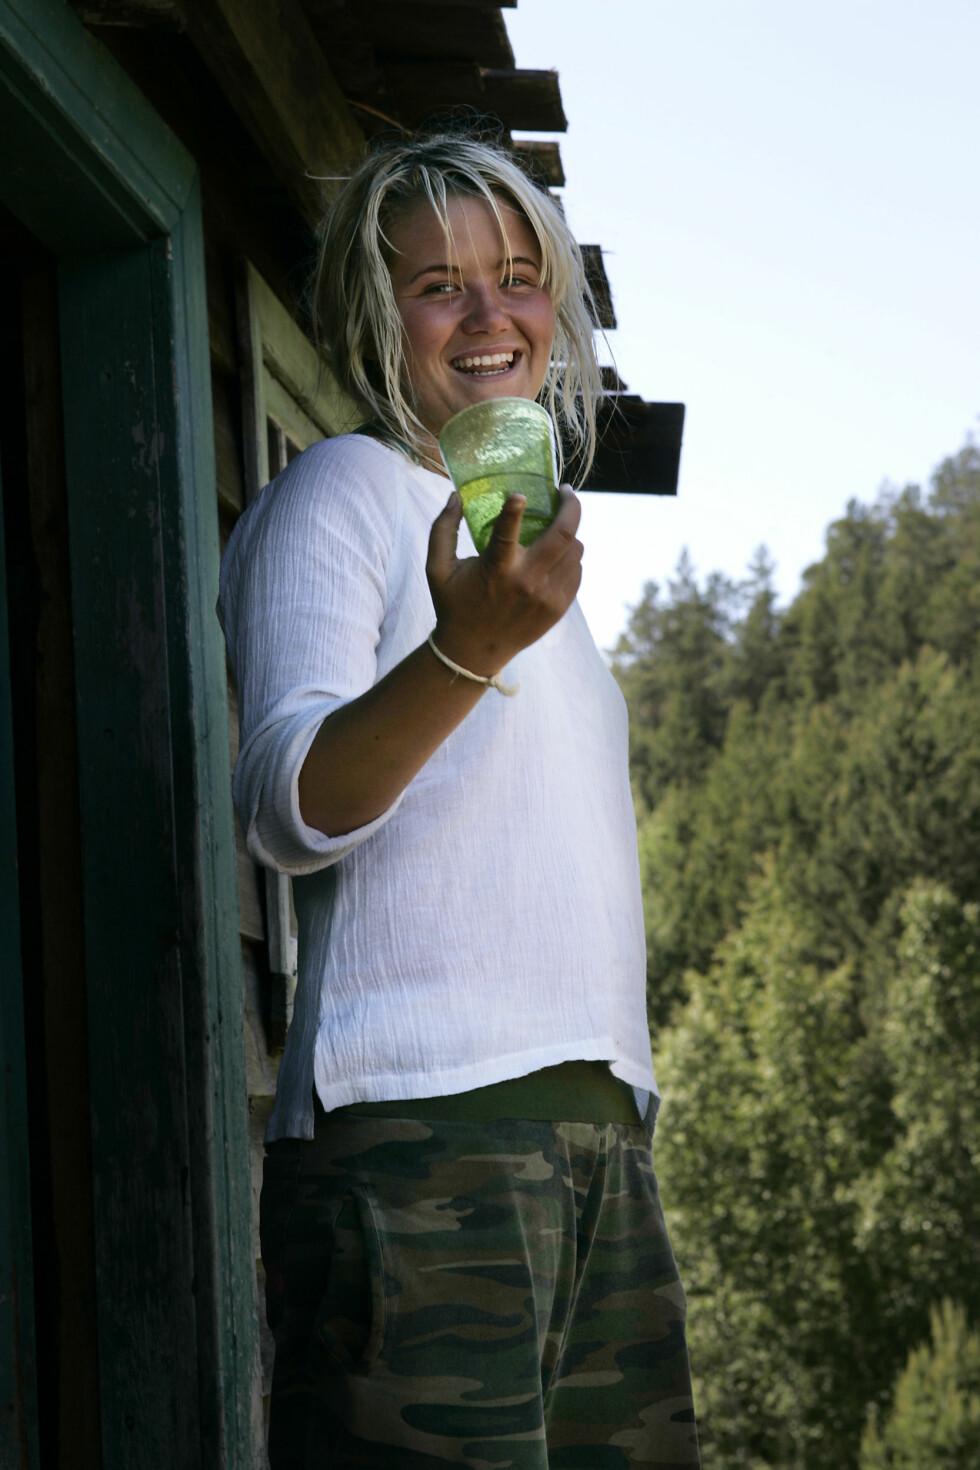 I 2004: Det er ikke sikkert at alle husker Live Nelviks deltakelse i «Farmen». De siste årene har hun derimot blitt kjent som en av NRKs fremste radio- og TV-profiler.  Foto: NTB scanpix